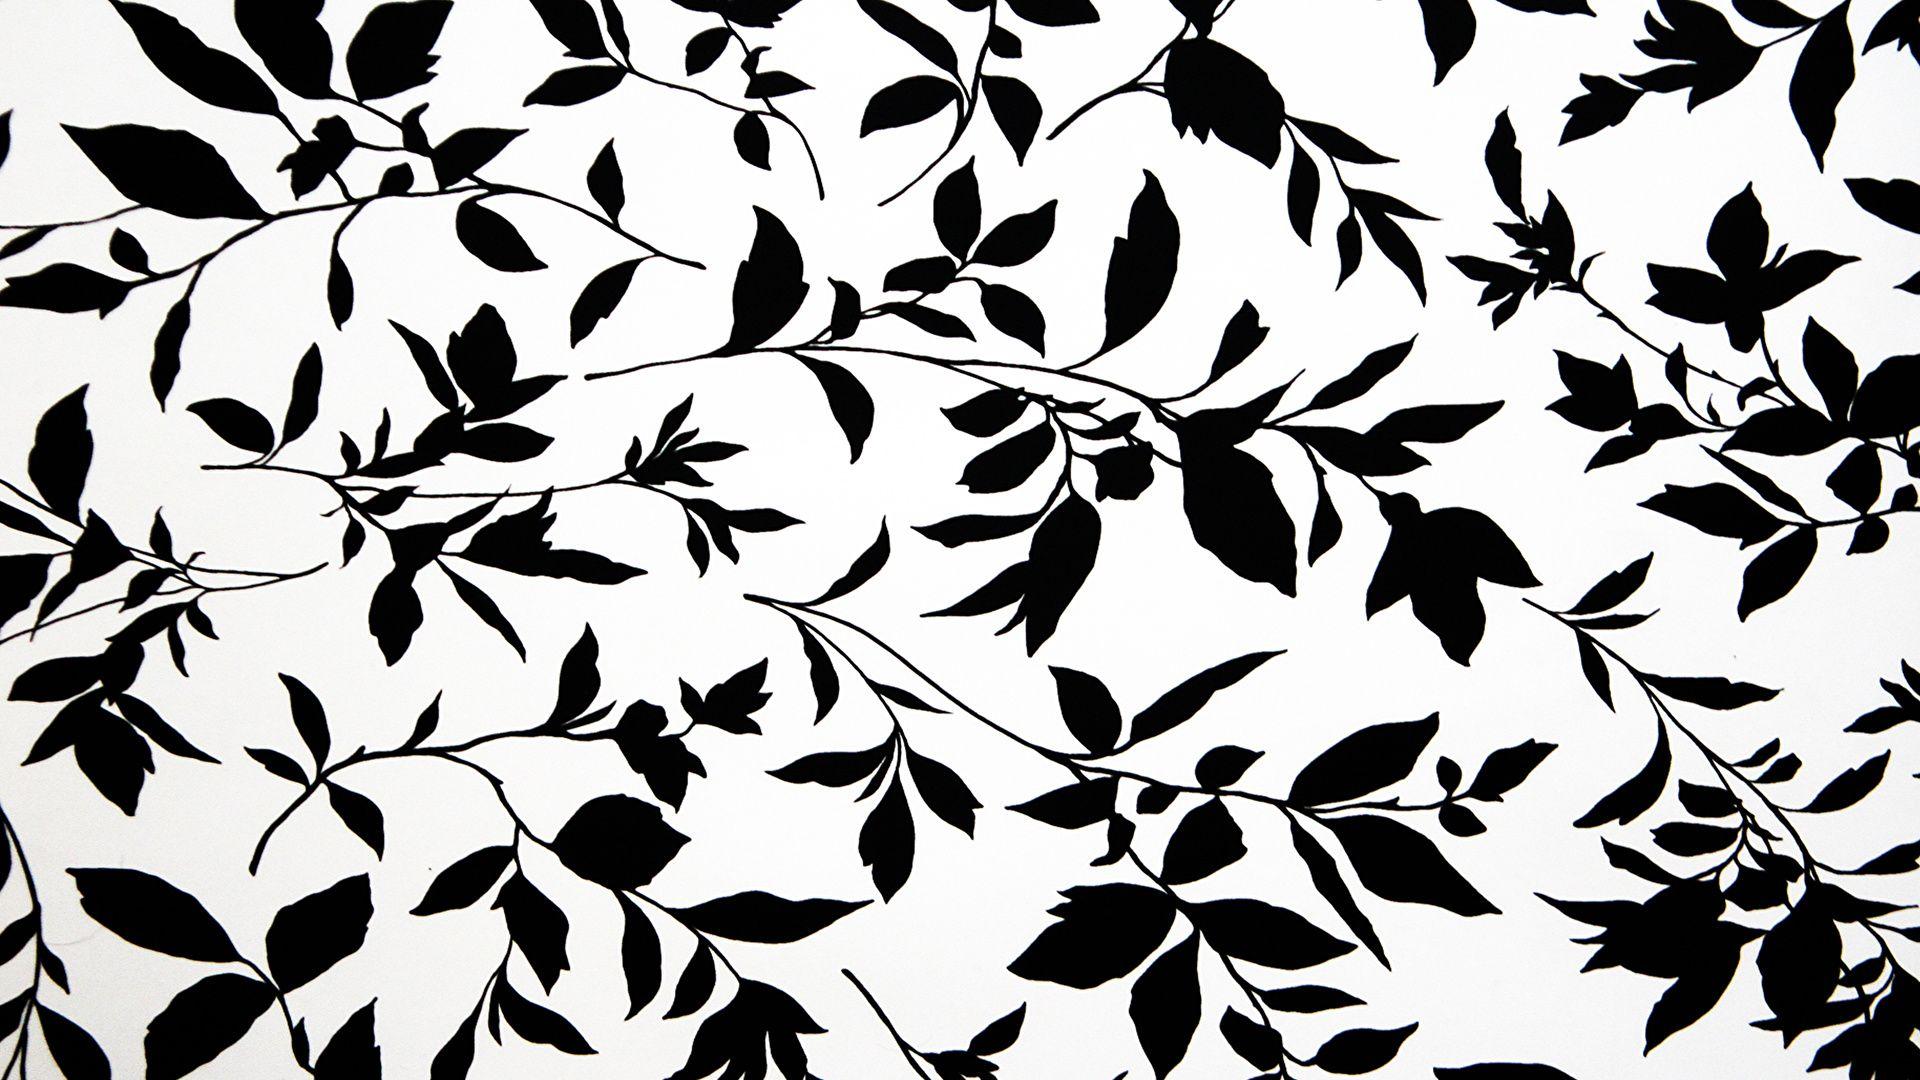 Leaf Pattern wallpaper image